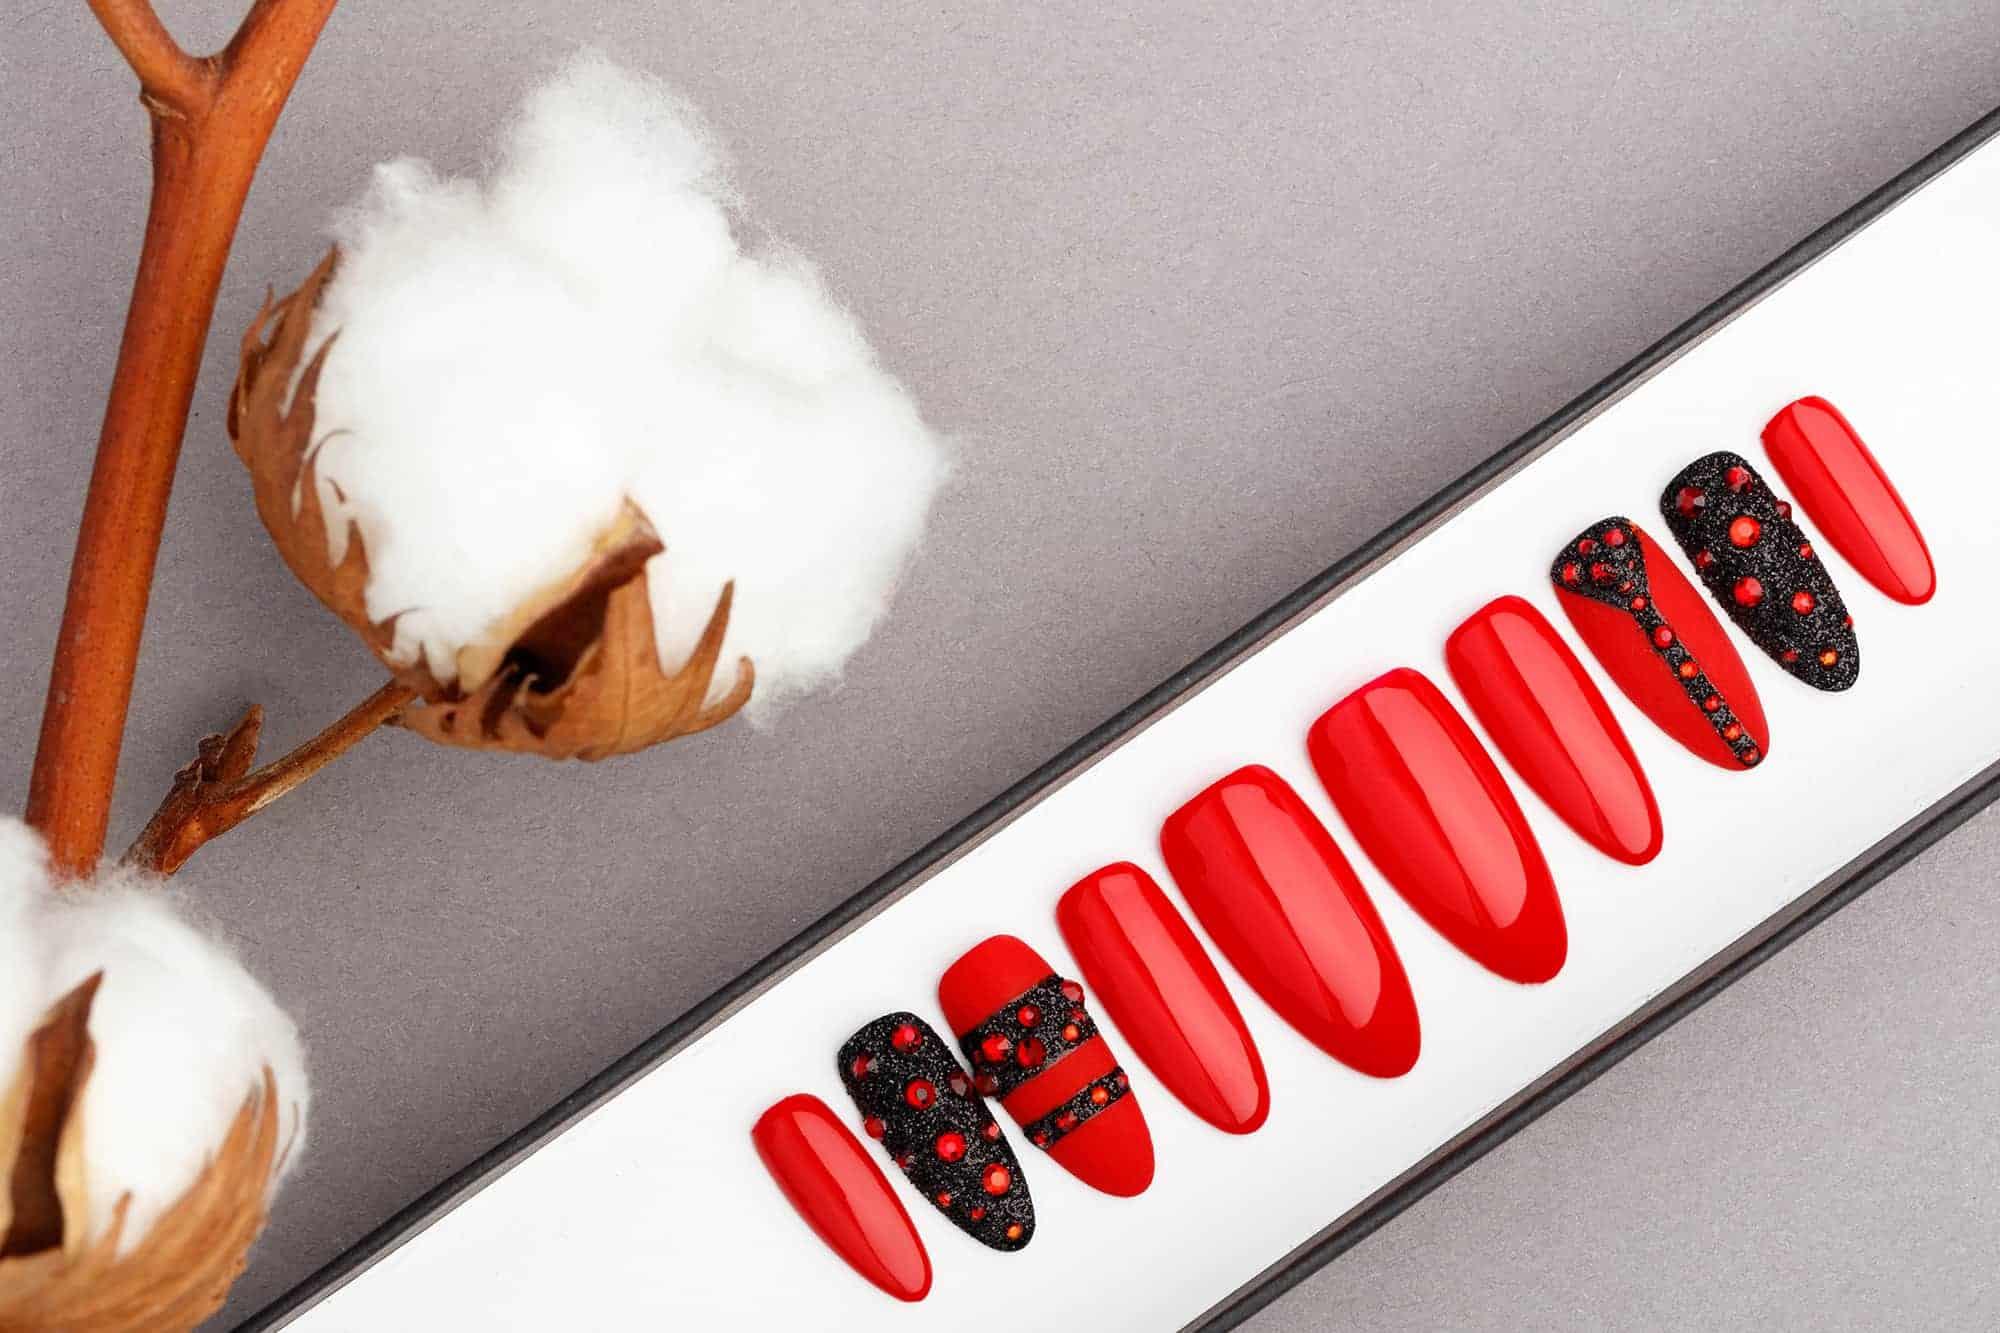 Red and Black Press on Nails with Swarovski   Hand painted Nail Art   Fake Nails   False Nails   Glue On Nails   Acrylic Nails   Gel Nails